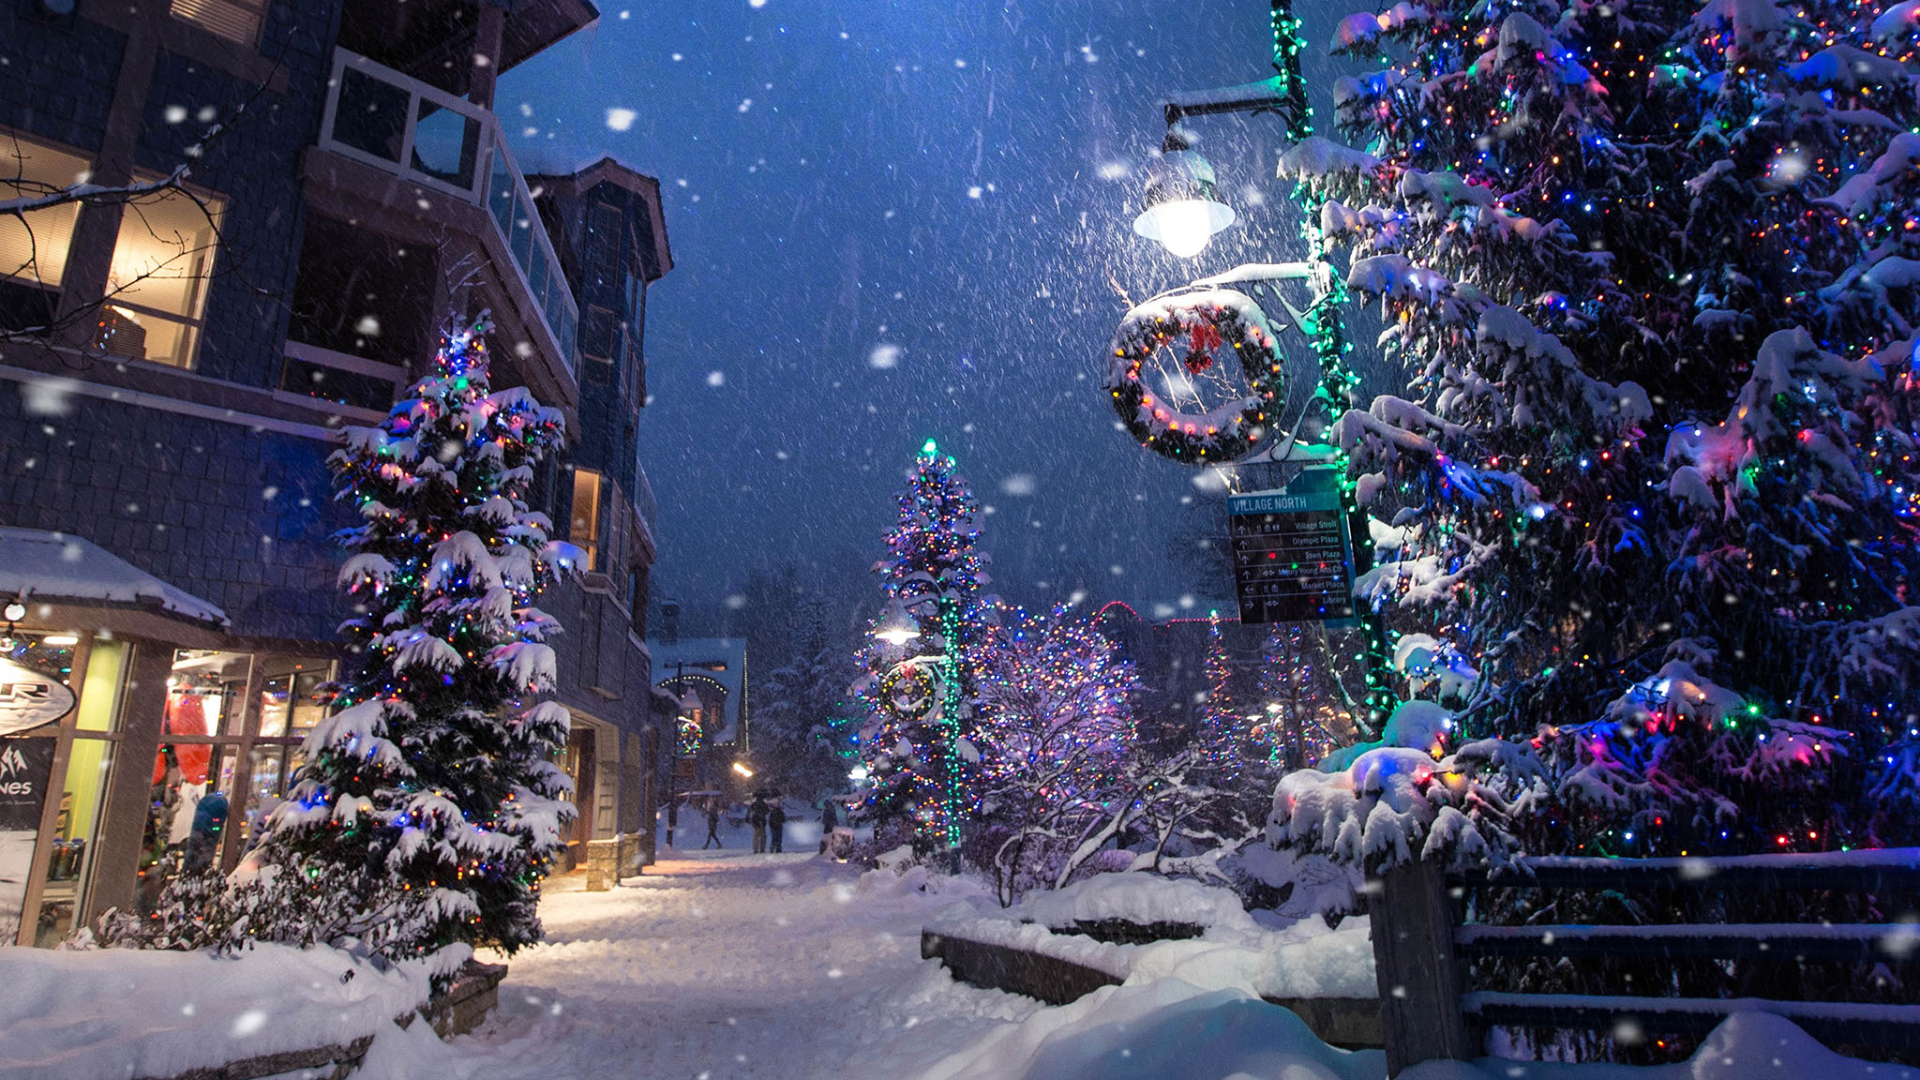 Kanada Weihnachtsbasar